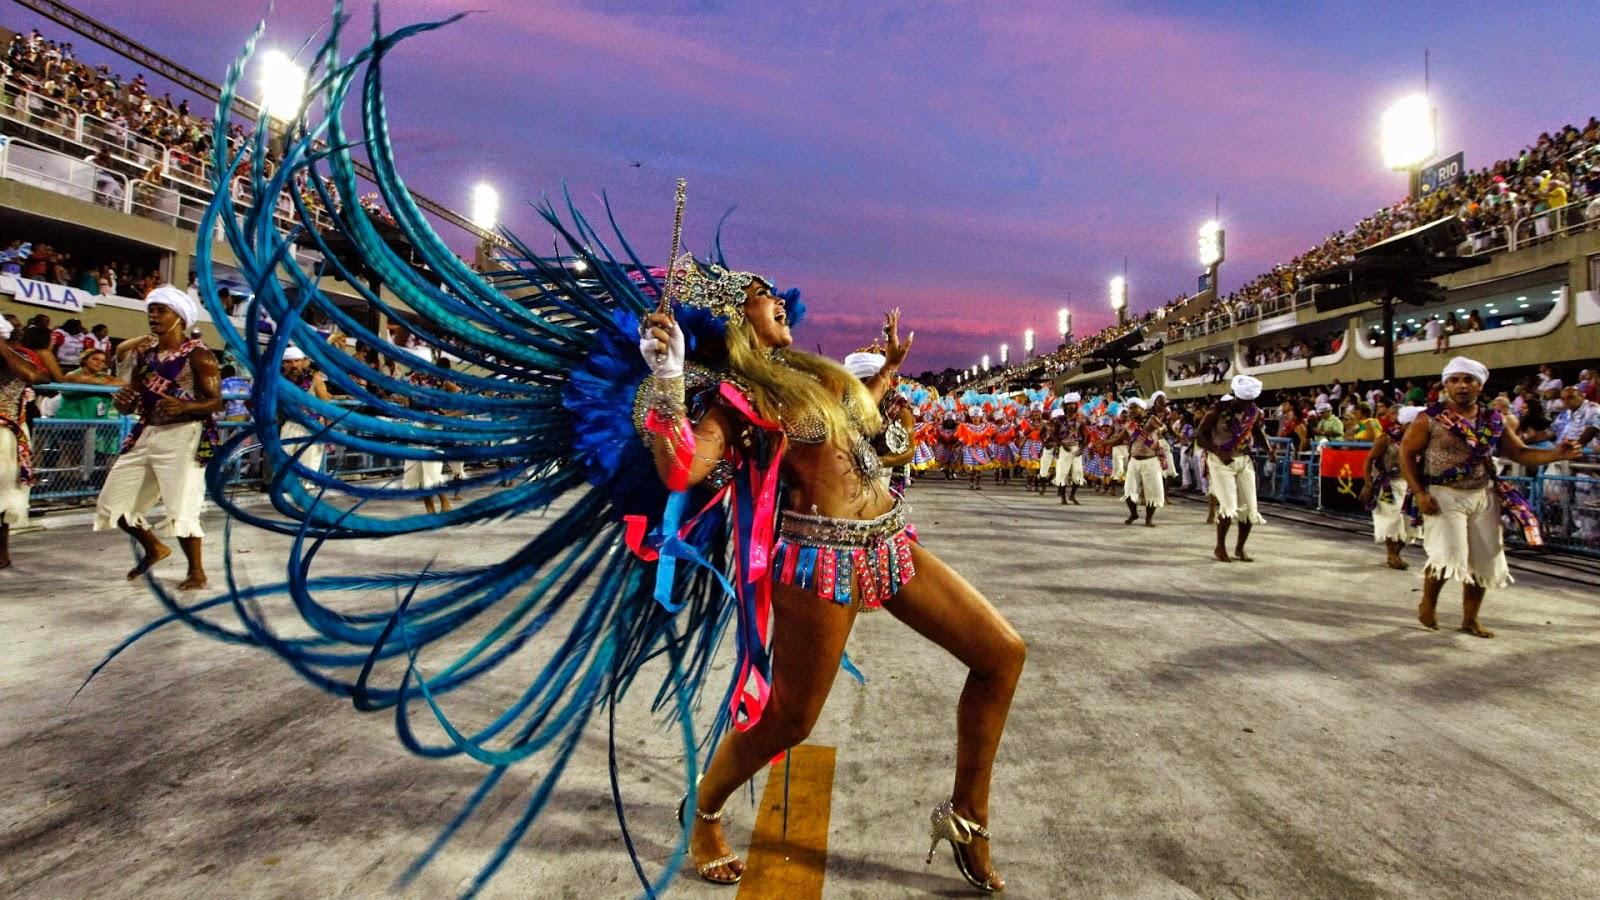 этом карнавал в рио фото самых колоритных участниц сразу